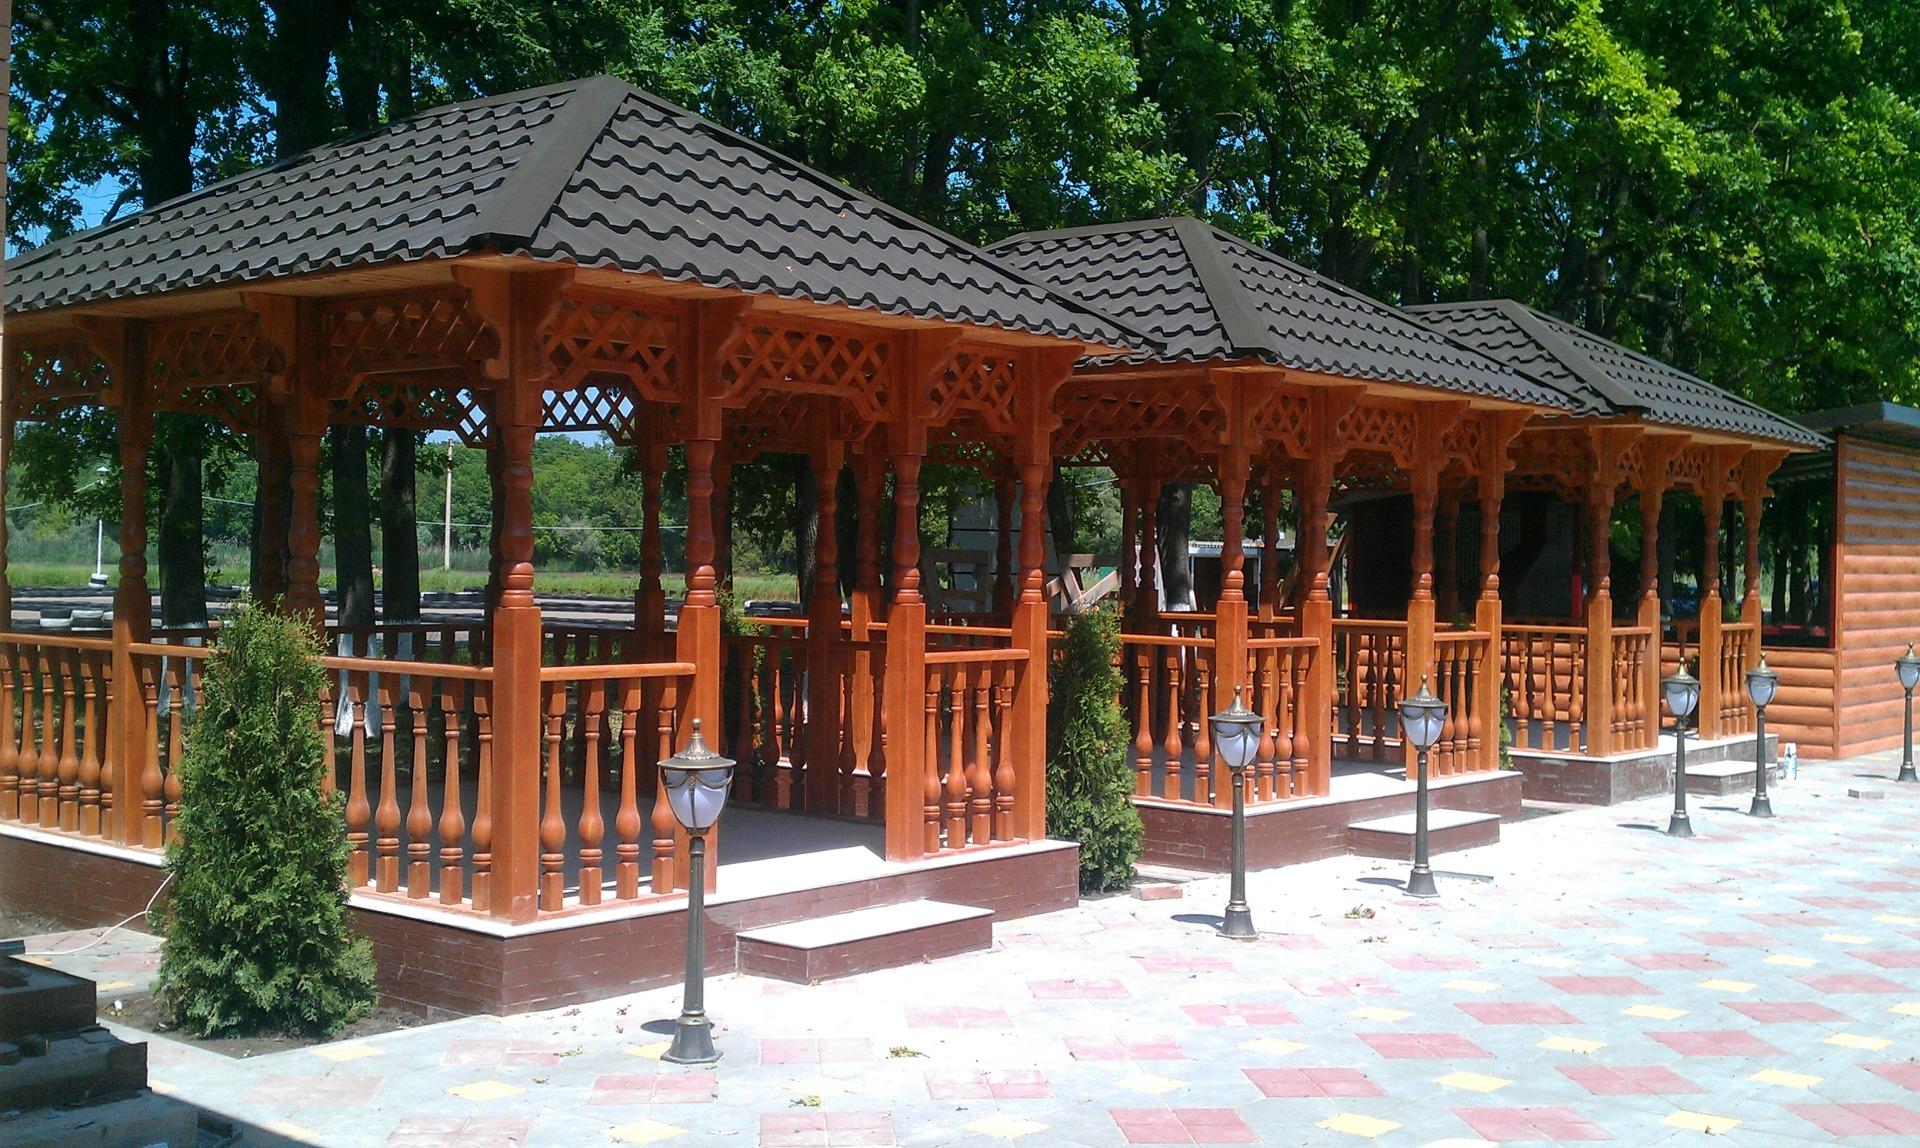 Столярный цех в Кропоткине - изготовление и строительство деревянных лестниц в Сочи, Краснодаре, Армавире, Гулькевичи